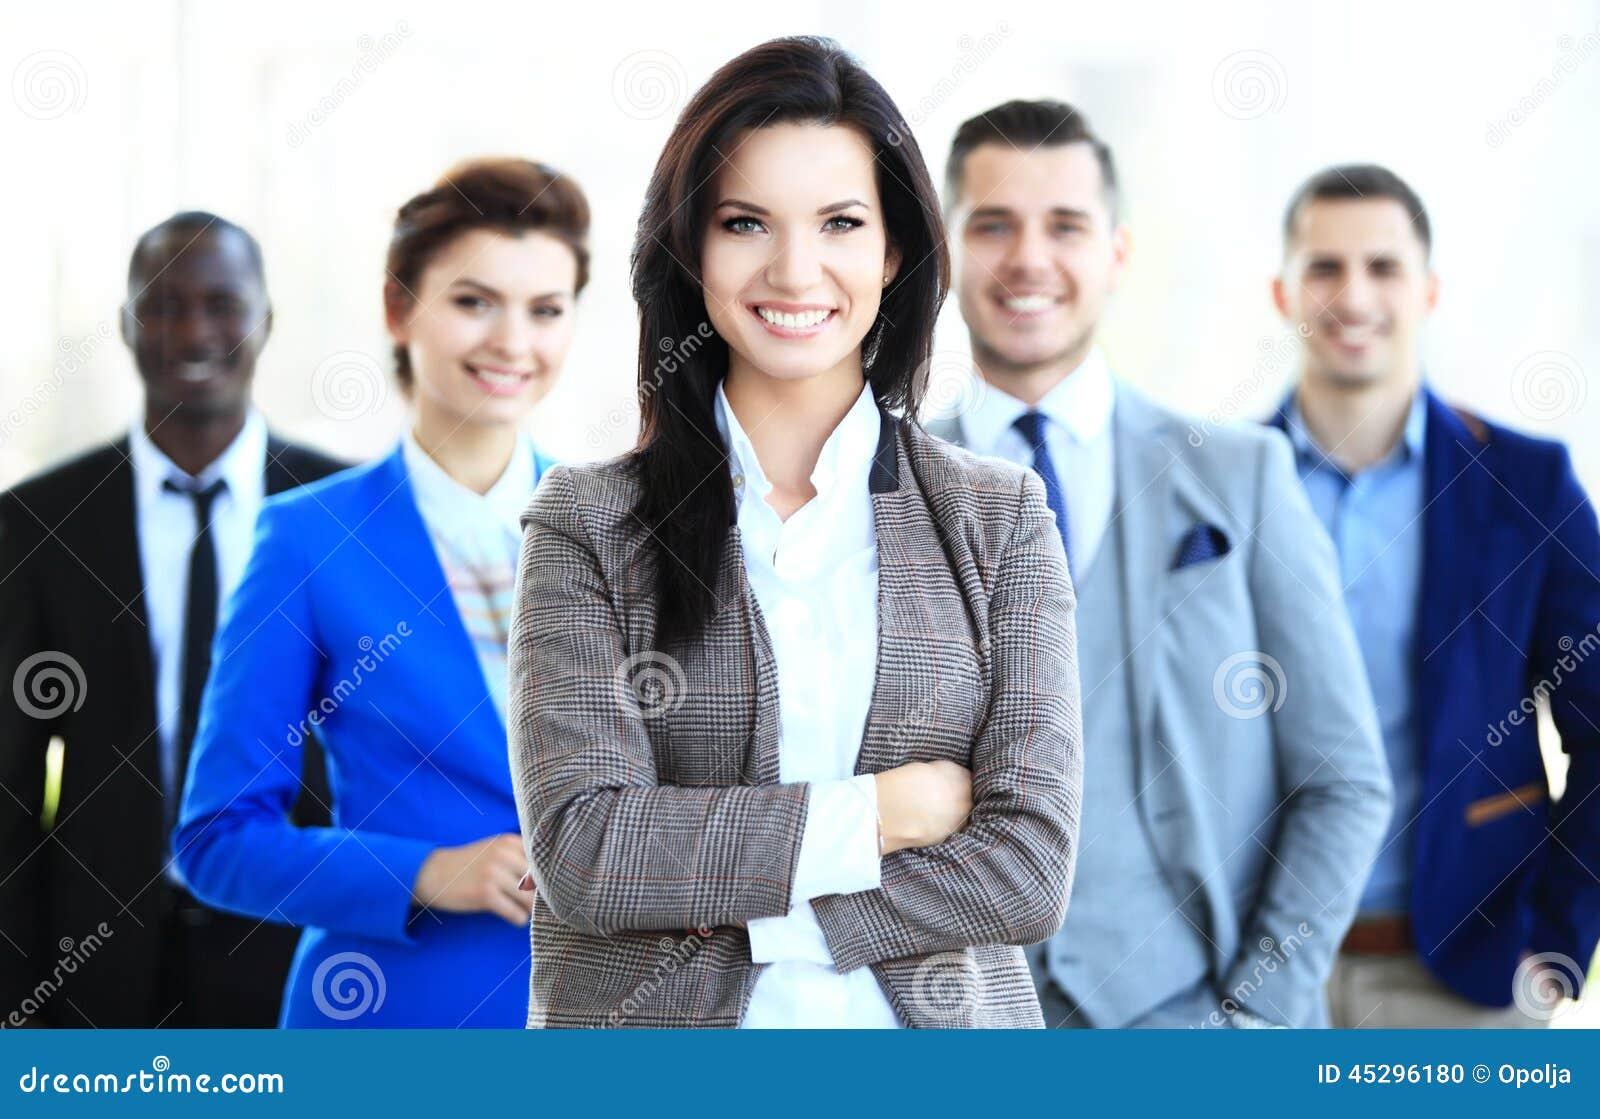 Jeune chef de file des affaires féminin heureux se tenant devant son équipe